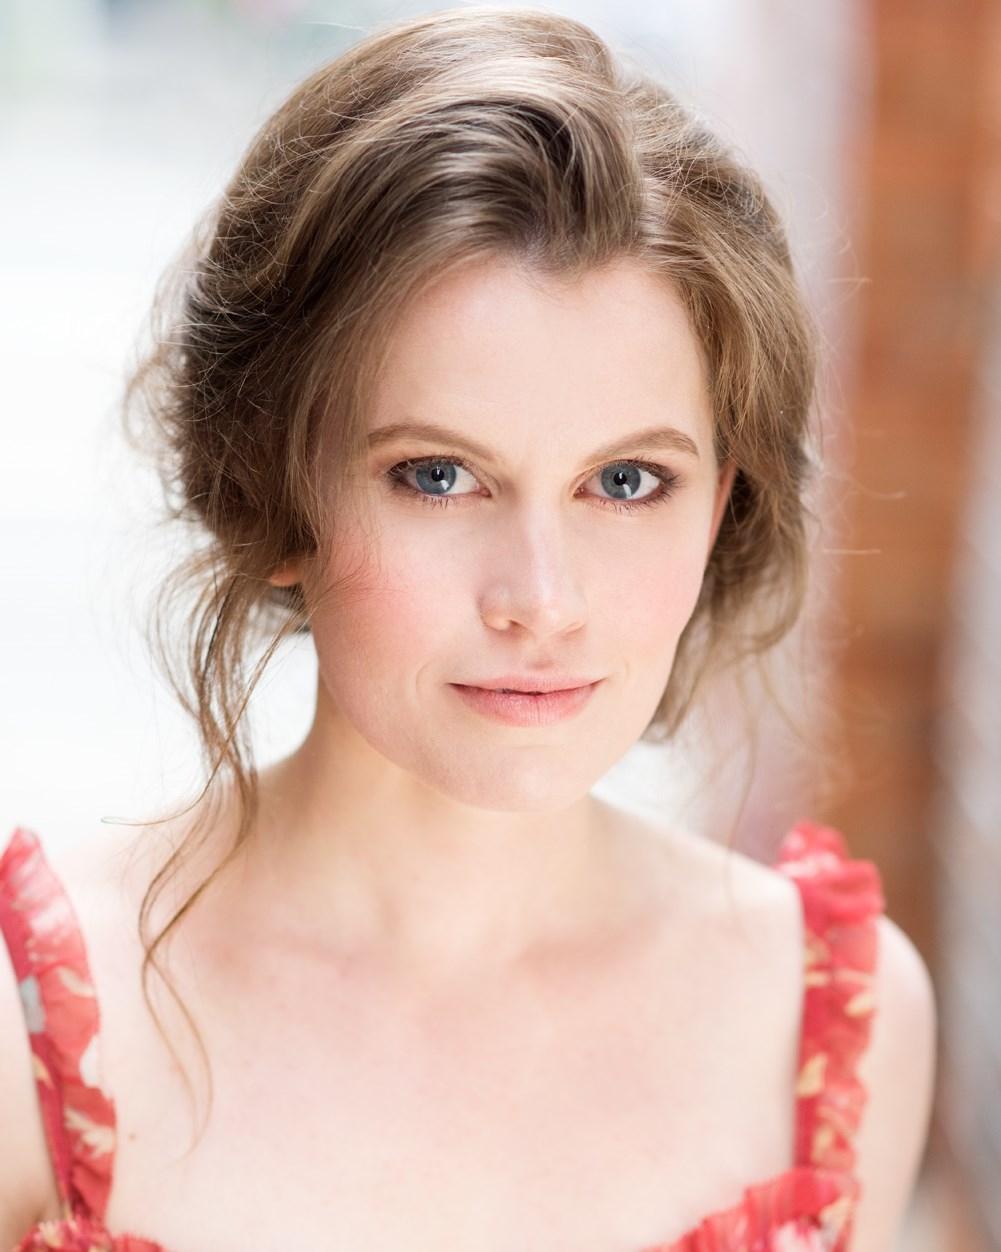 Karen Ireson